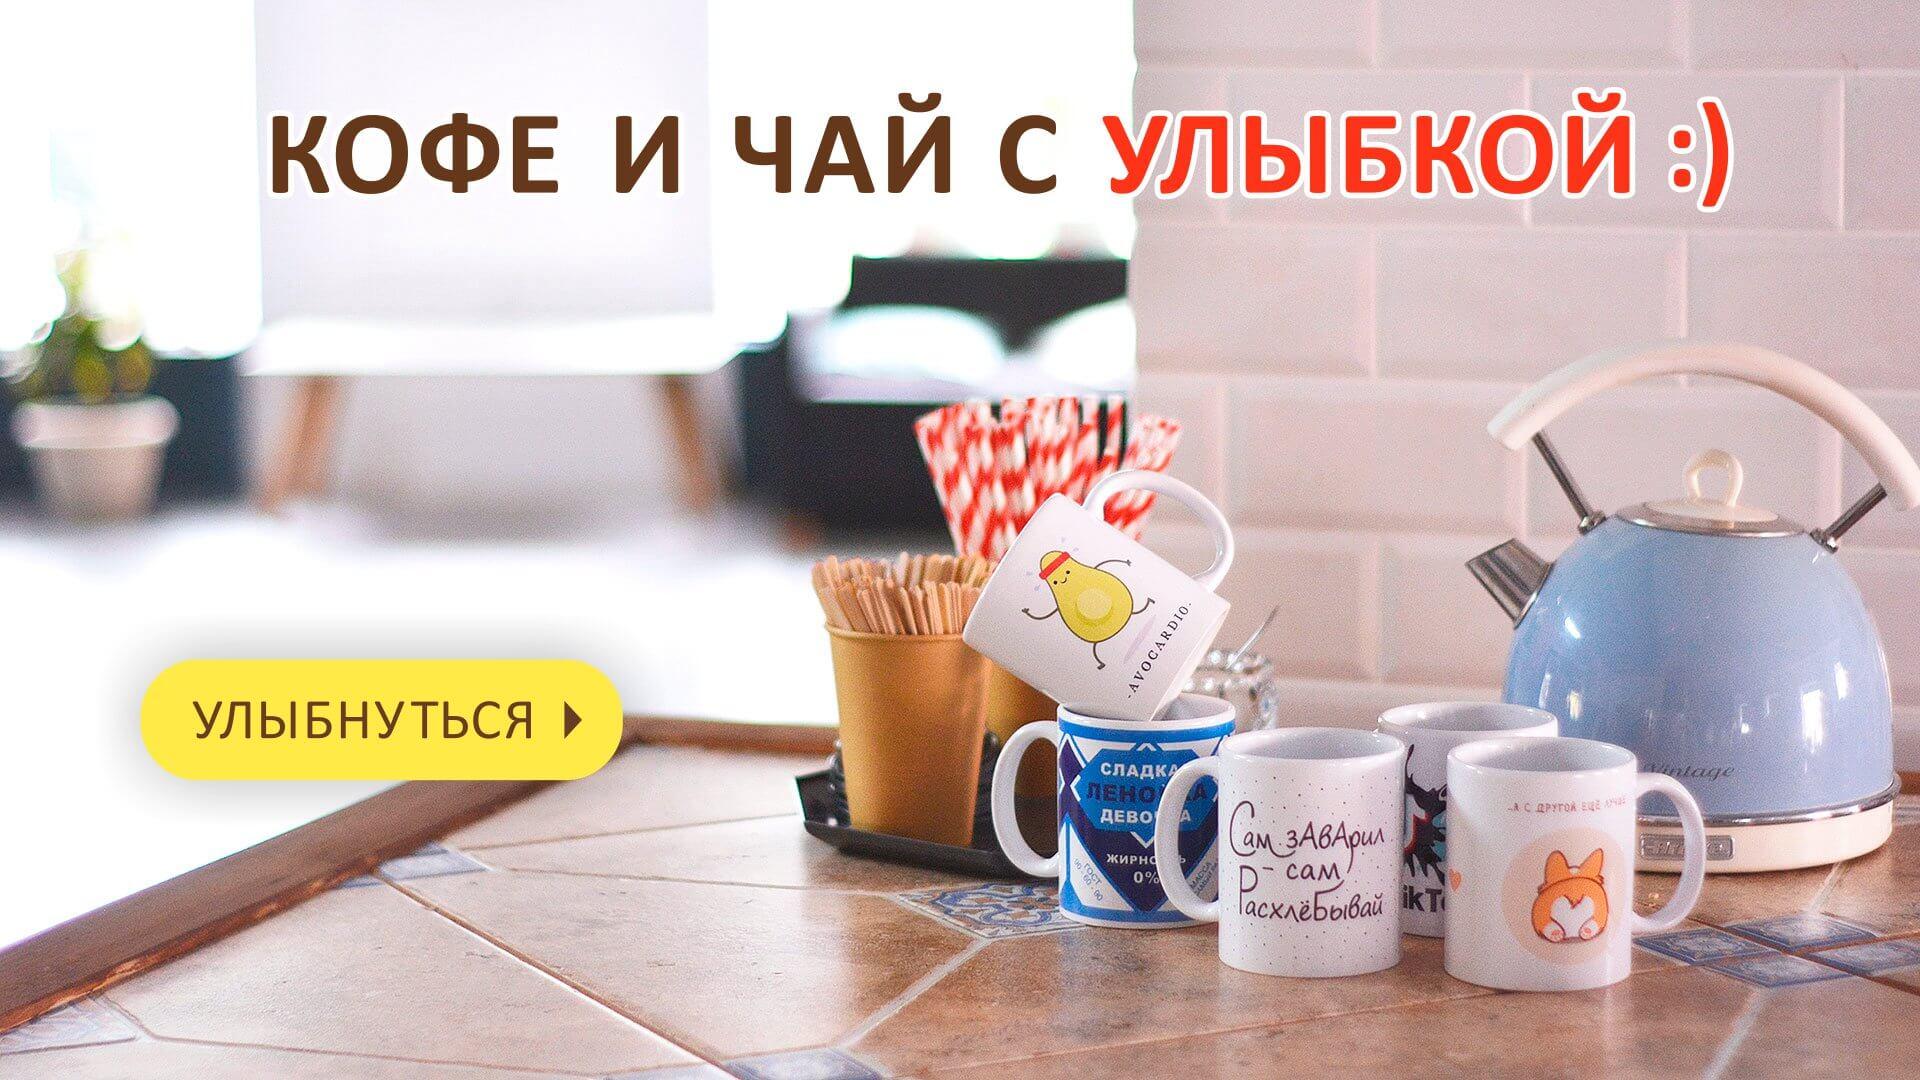 купить кружку в подарок с фото на день рождения подруге, парню, мужу, маме, бабушке, дедушке с доставкой в Минске, Гомеле, Могилеве, Бресте